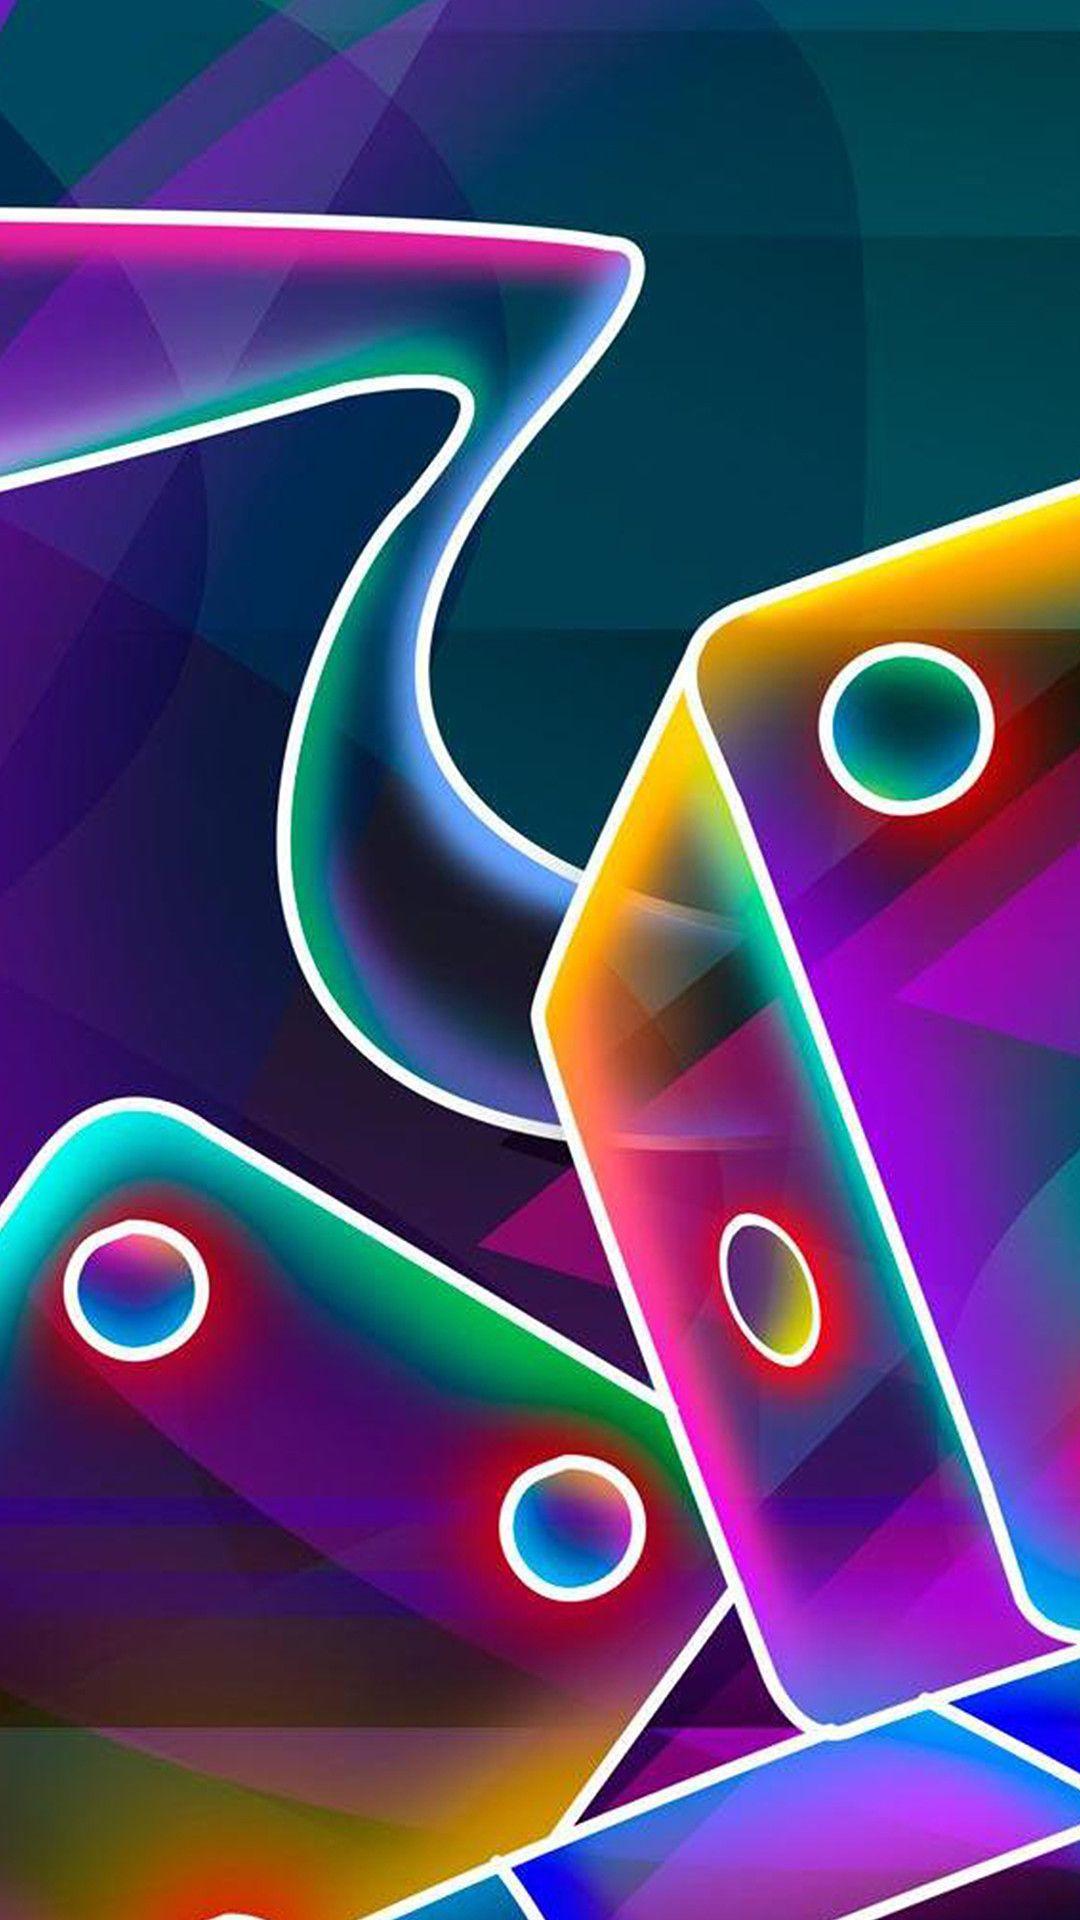 Download Trendy Neon Aesthetic Neon Wallpaper Iphone Pictures